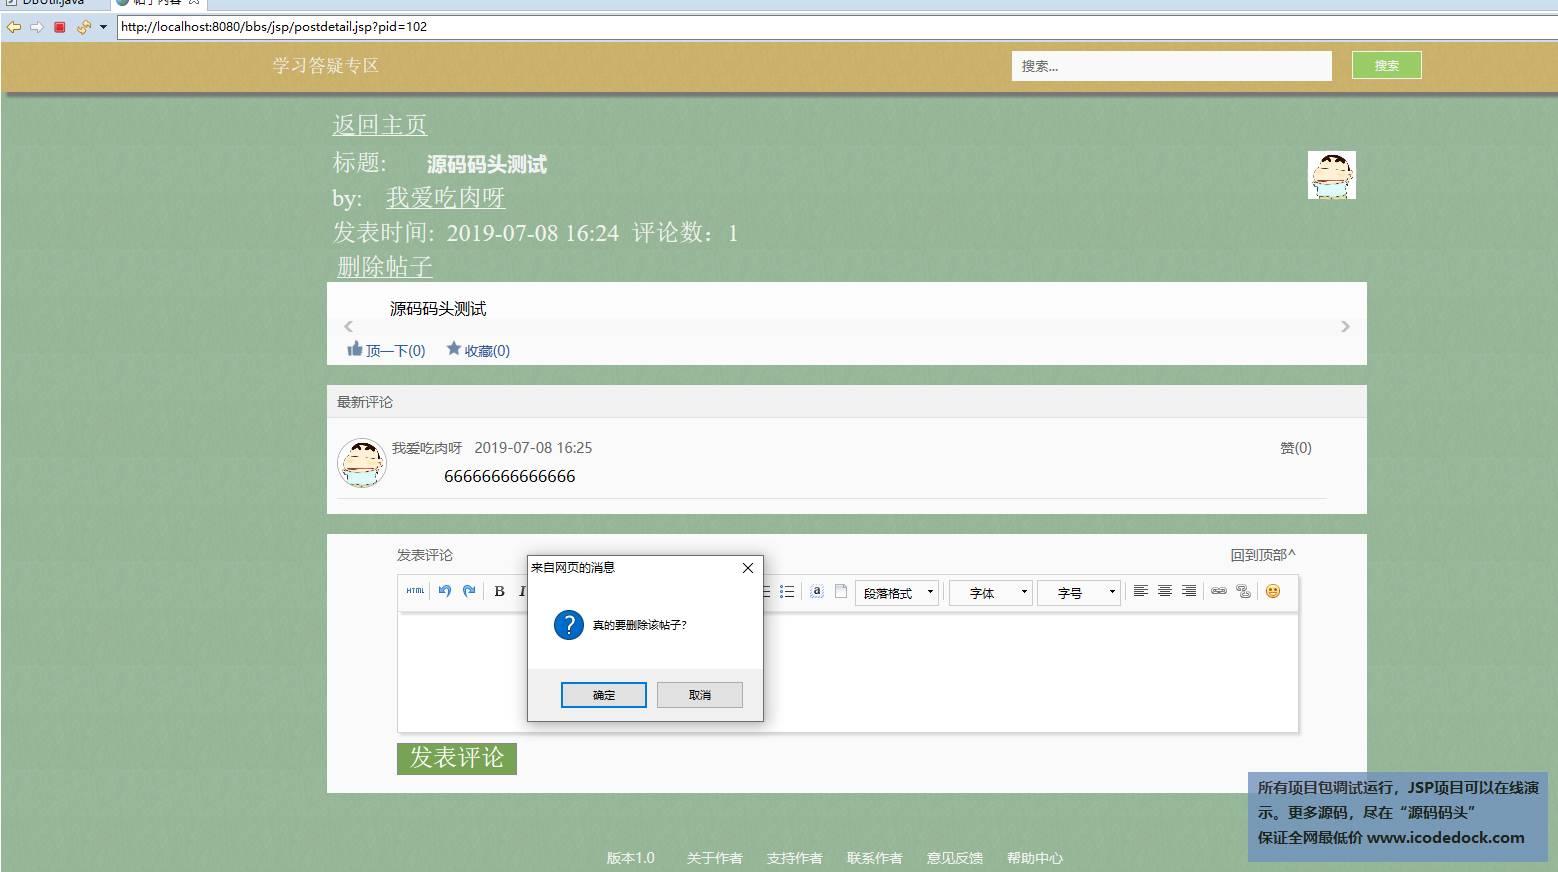 源码码头-JSP论坛的实现-管理员角色删除帖子